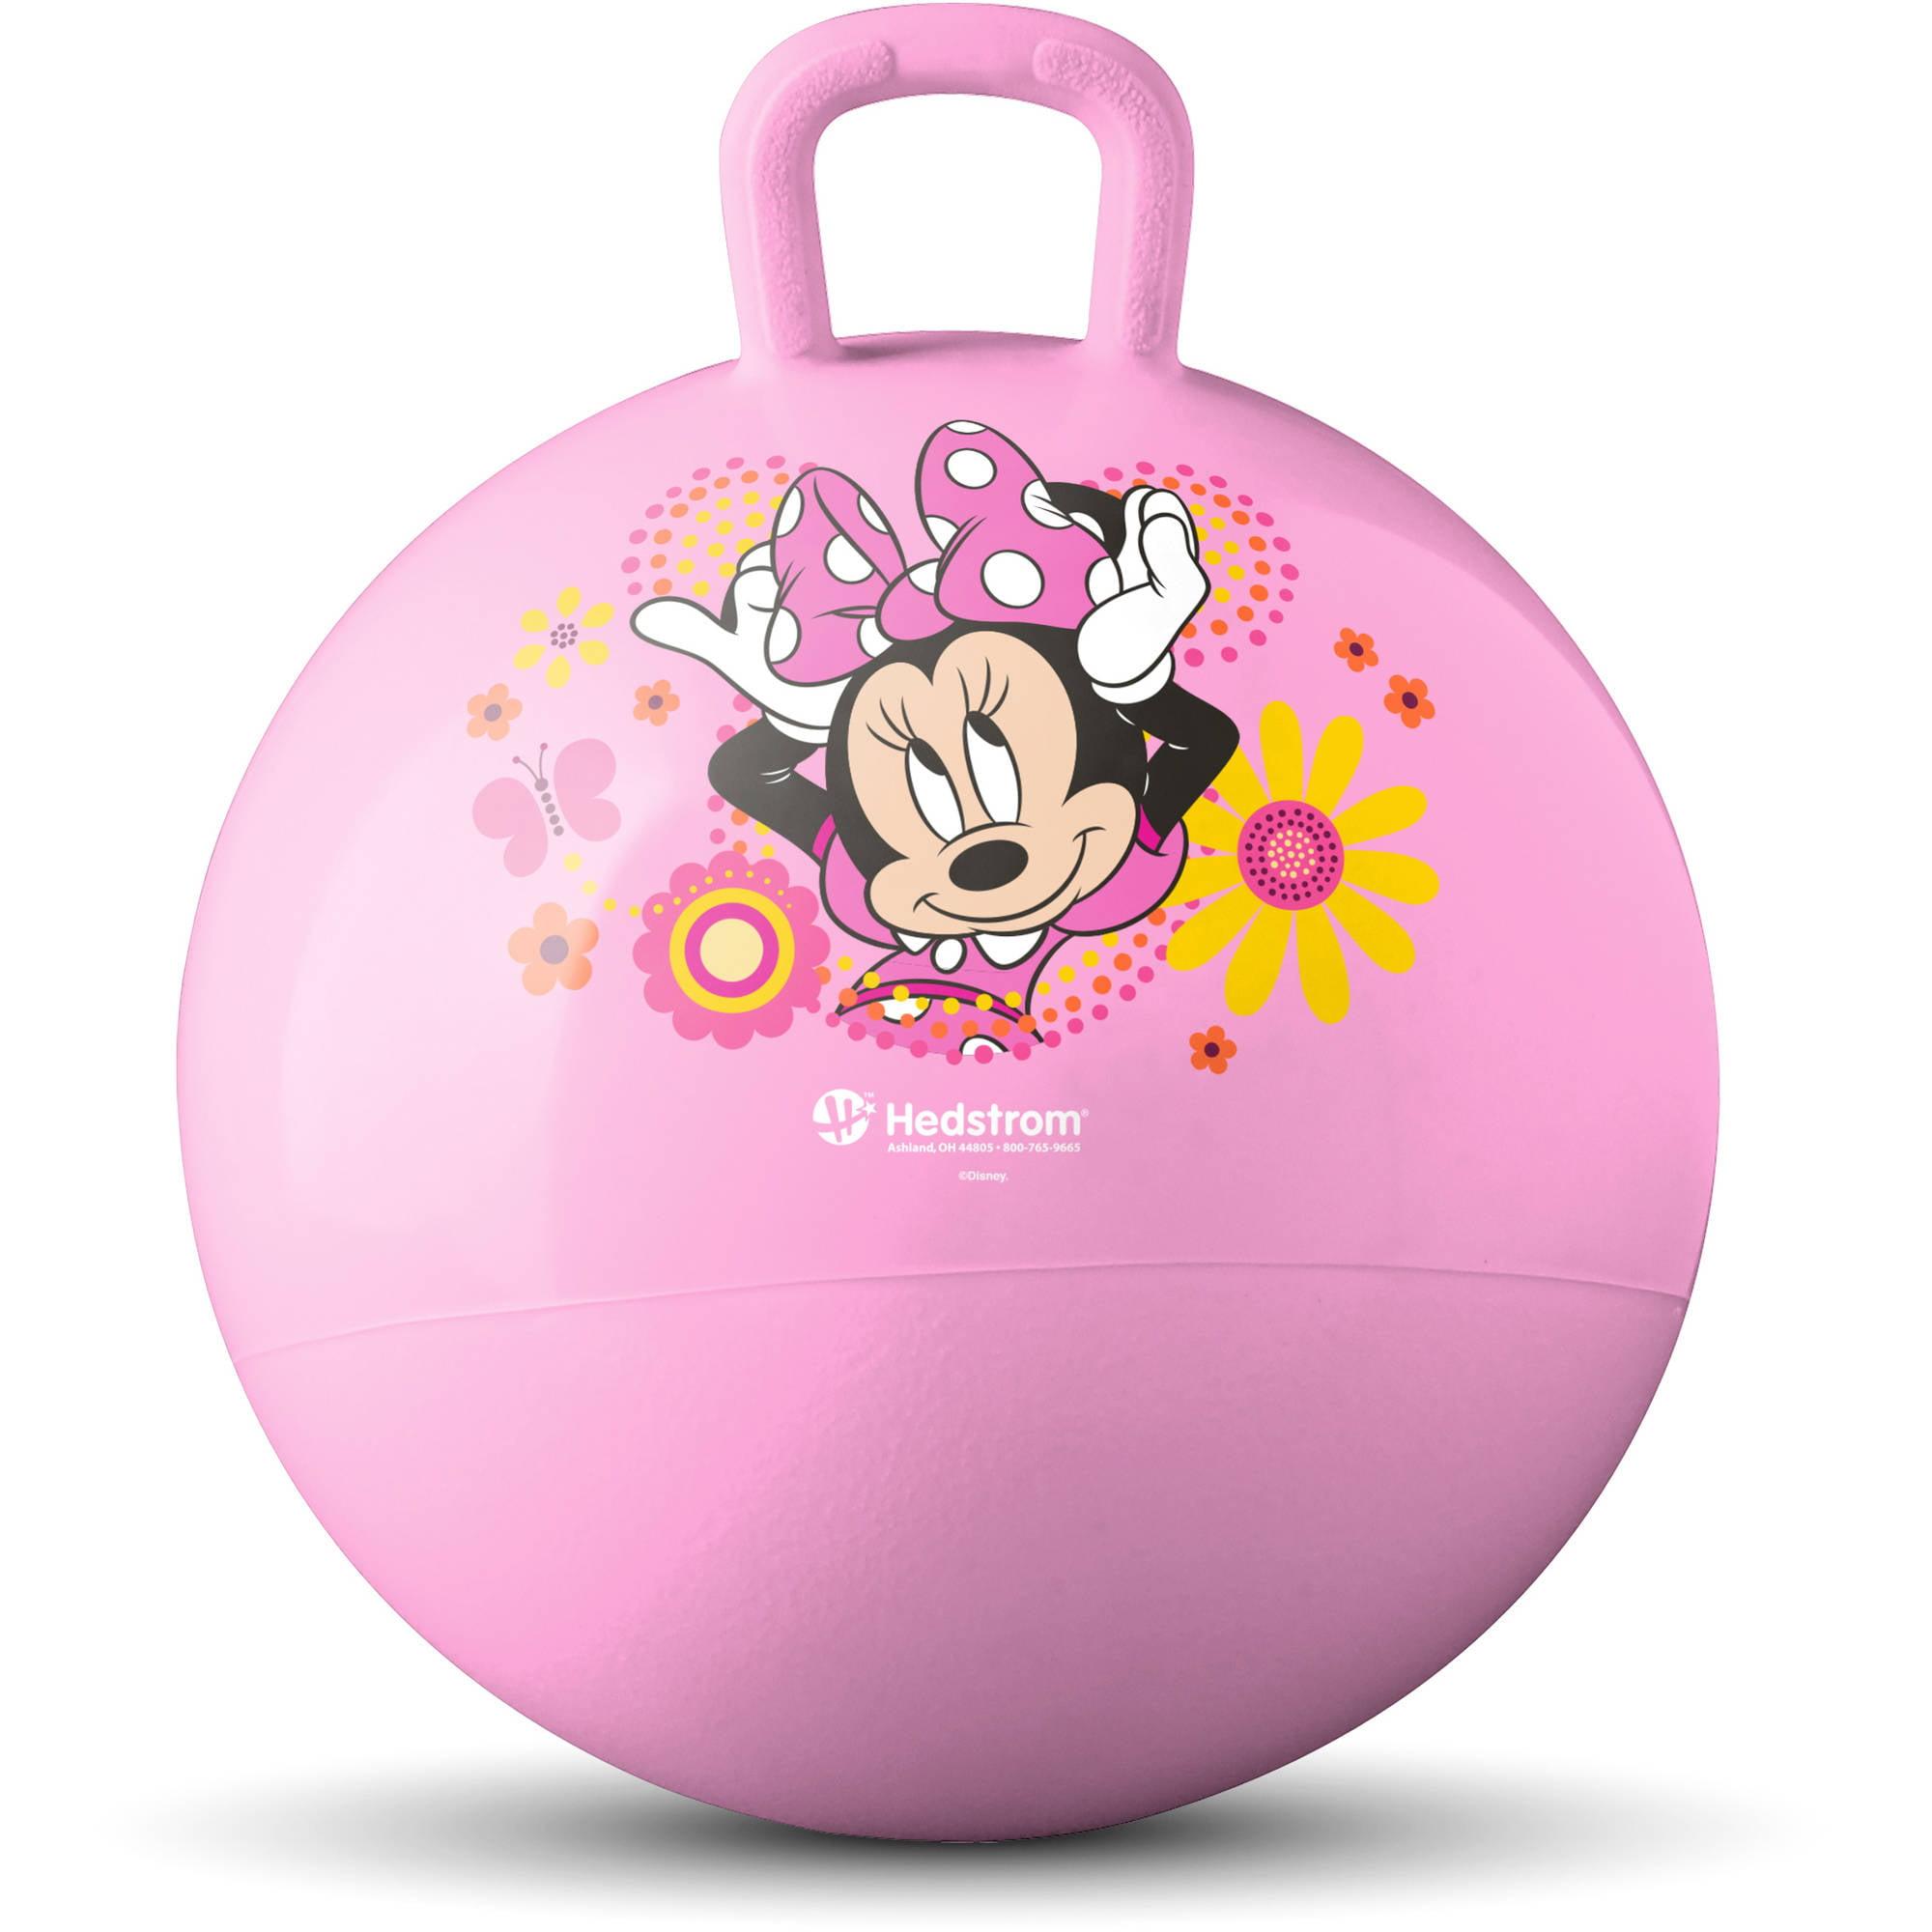 Hedstrom Disney Minnie Mouse Hopper